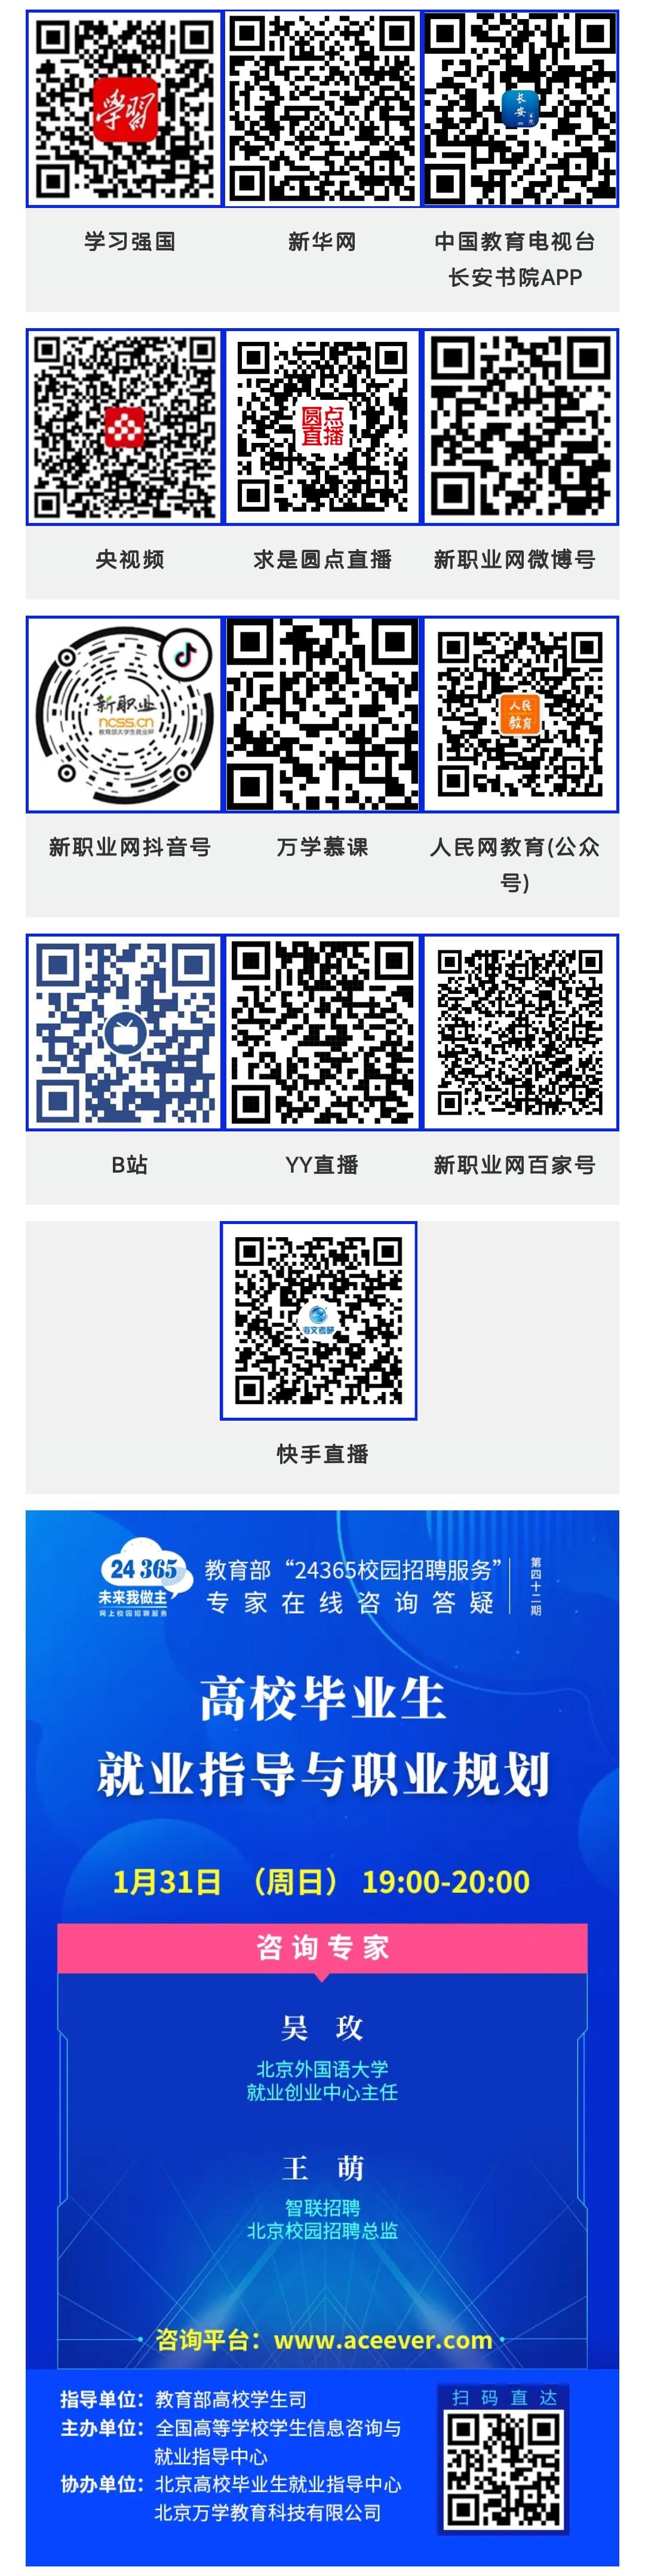 微信图片_20210129145314.jpg